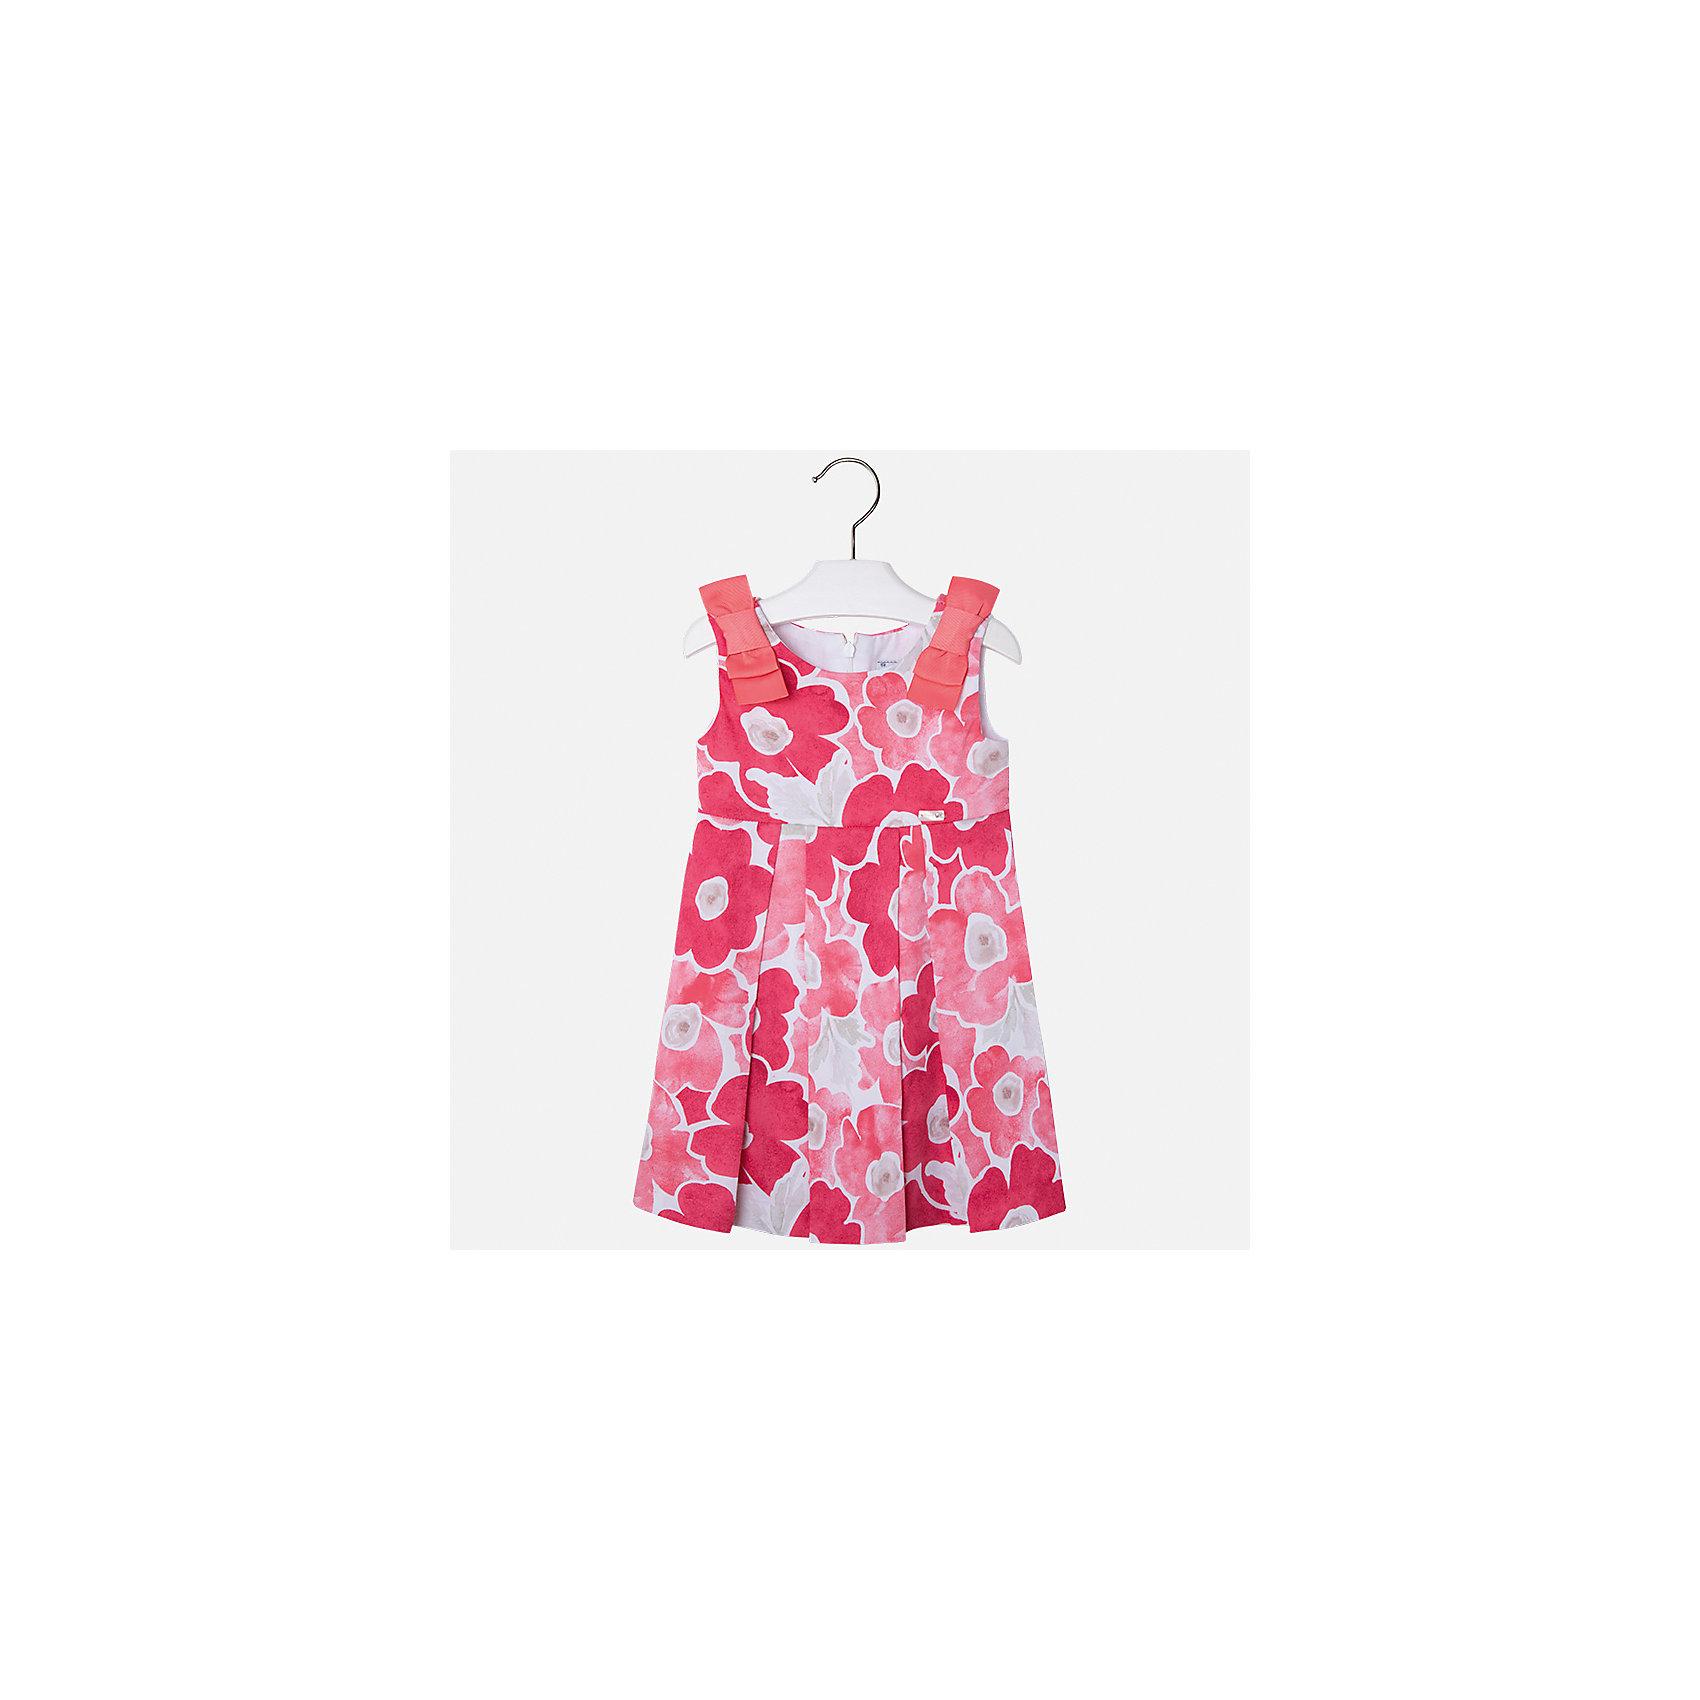 Платье для девочки MayoralПлатья и сарафаны<br>Характеристики товара:<br><br>• цвет: розовый<br>• состав: 97% хлопок, 3% эластан, подкладка - 50% полиэстер, 50% хлопок<br>• застежка: молния<br>• принт<br>• украшено бантами<br>• без рукавов<br>• с подкладкой<br>• страна бренда: Испания<br><br>Модное красивое платье для девочки поможет разнообразить гардероб ребенка и создать эффектный наряд. Оно отлично подойдет для торжественных случаев или на каждый день. Красивый оттенок позволяет подобрать к вещи обувь разных расцветок. В составе материала подкладки - натуральный хлопок, гипоаллергенный, приятный на ощупь, дышащий. Платье хорошо сидит по фигуре.<br><br>Одежда, обувь и аксессуары от испанского бренда Mayoral полюбились детям и взрослым по всему миру. Модели этой марки - стильные и удобные. Для их производства используются только безопасные, качественные материалы и фурнитура. Порадуйте ребенка модными и красивыми вещами от Mayoral! <br><br>Платье для девочки от испанского бренда Mayoral (Майорал) можно купить в нашем интернет-магазине.<br><br>Ширина мм: 236<br>Глубина мм: 16<br>Высота мм: 184<br>Вес г: 177<br>Цвет: оранжевый<br>Возраст от месяцев: 96<br>Возраст до месяцев: 108<br>Пол: Женский<br>Возраст: Детский<br>Размер: 134,92,98,104,110,116,122,128<br>SKU: 5291355